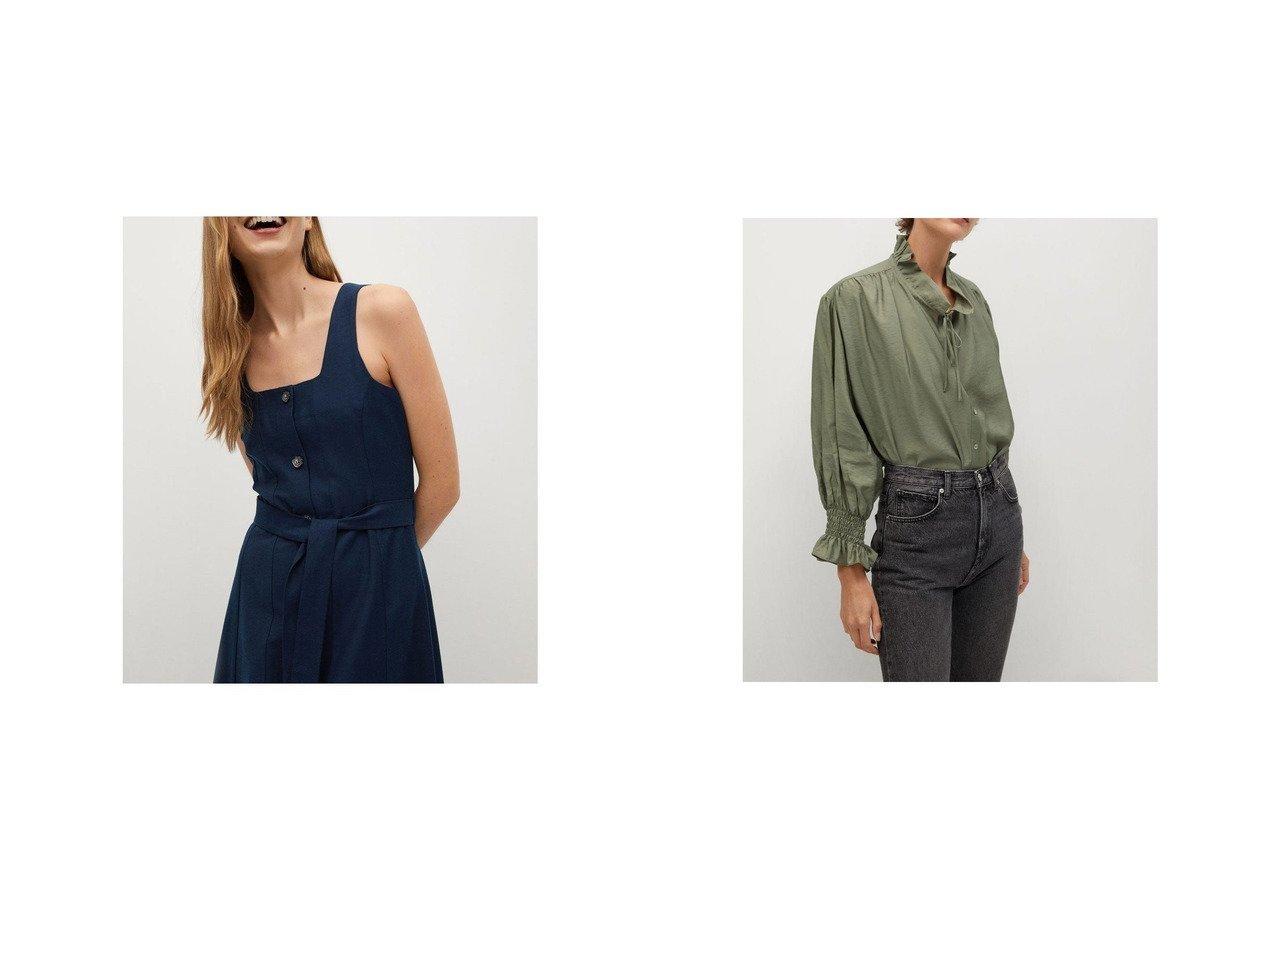 【MANGO/マンゴ】のロングワンピース .-- LOUISA-H&ブラウス .-- RUDOLPH MANGOのおすすめ!人気、トレンド・レディースファッションの通販  おすすめで人気の流行・トレンド、ファッションの通販商品 メンズファッション・キッズファッション・インテリア・家具・レディースファッション・服の通販 founy(ファニー) https://founy.com/ ファッション Fashion レディースファッション WOMEN ワンピース Dress トップス Tops Tshirt シャツ/ブラウス Shirts Blouses 2021年 2021 2021 春夏 S/S SS Spring/Summer 2021 S/S 春夏 SS Spring/Summer スクエア フレア フロント ループ ロング 春 Spring エアリー ラウンド 長袖 |ID:crp329100000017703